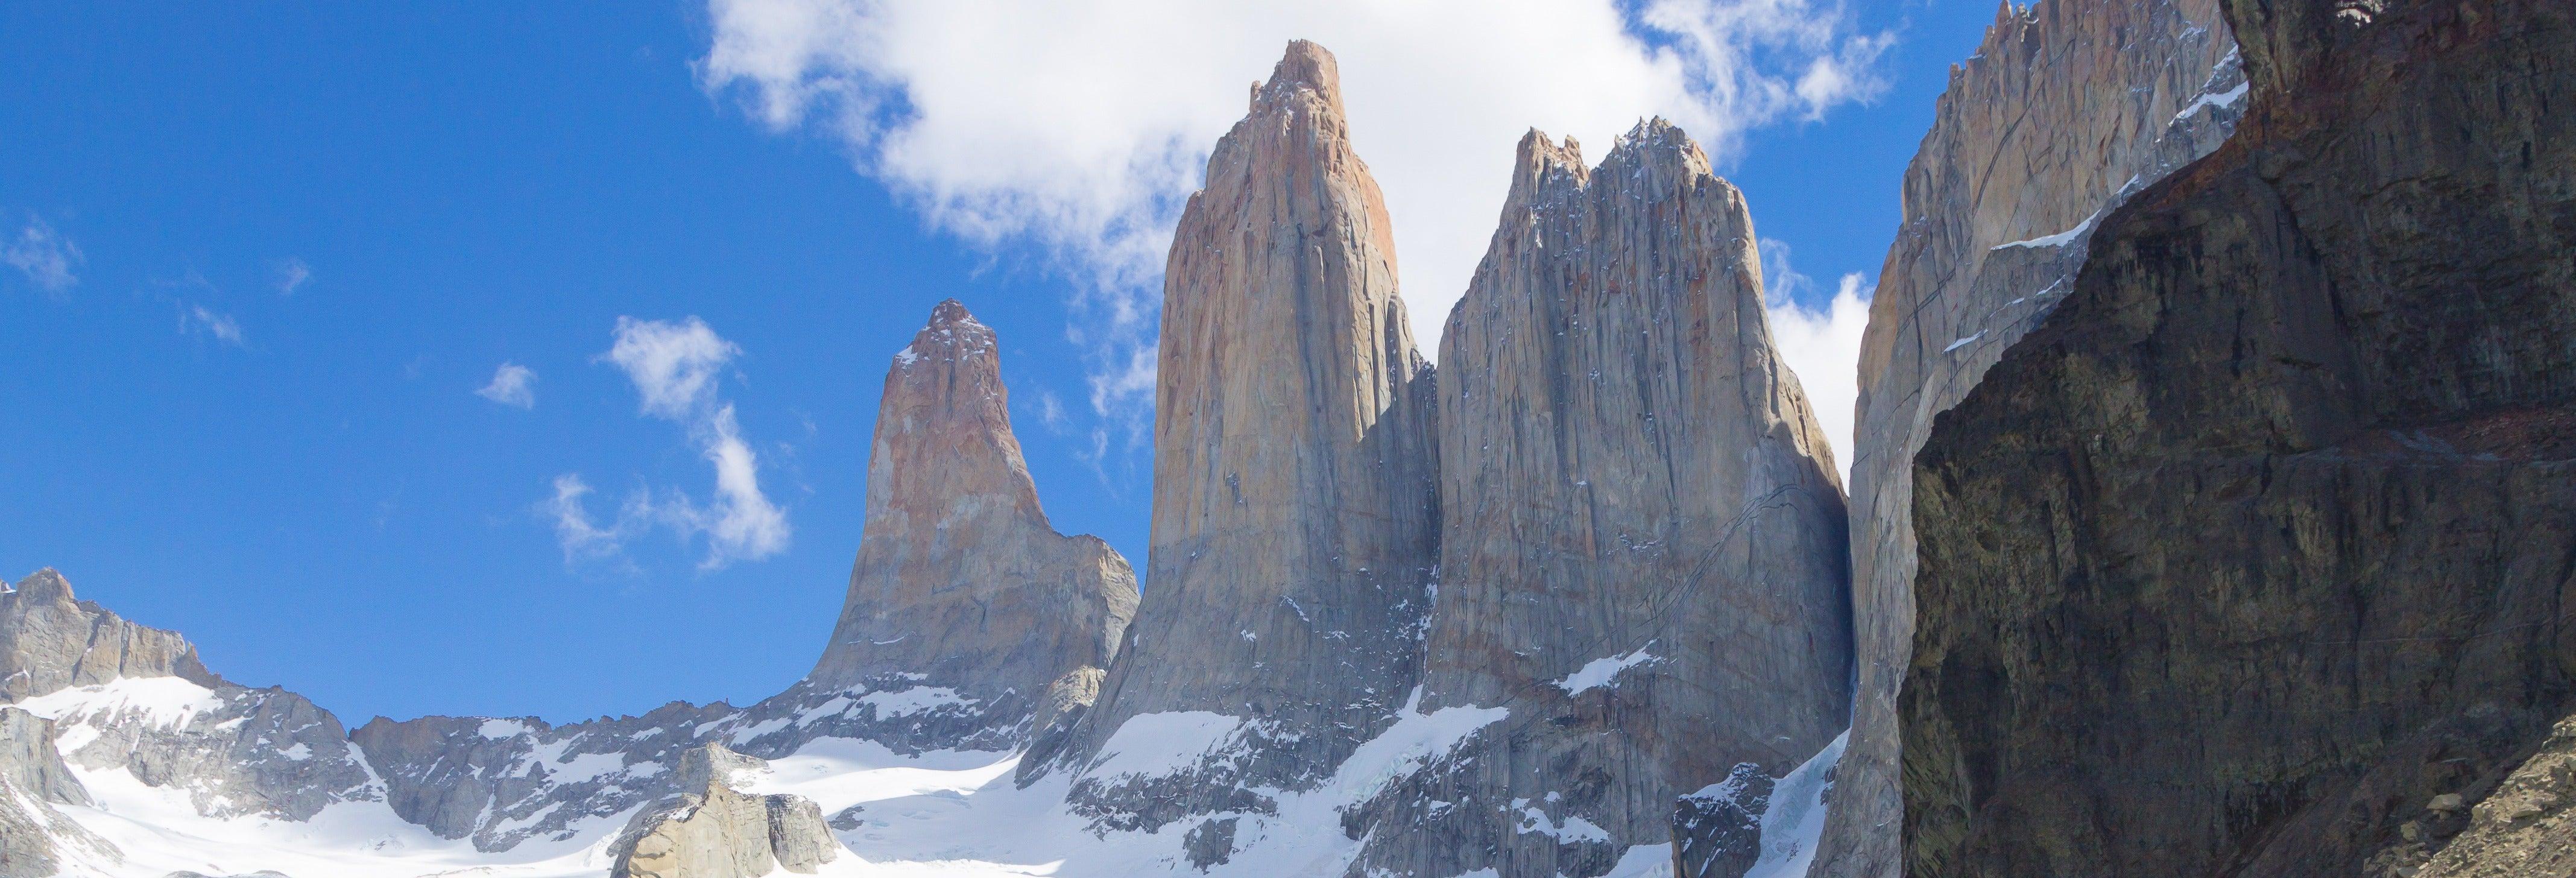 Trekking nel Parco Torres del Paine